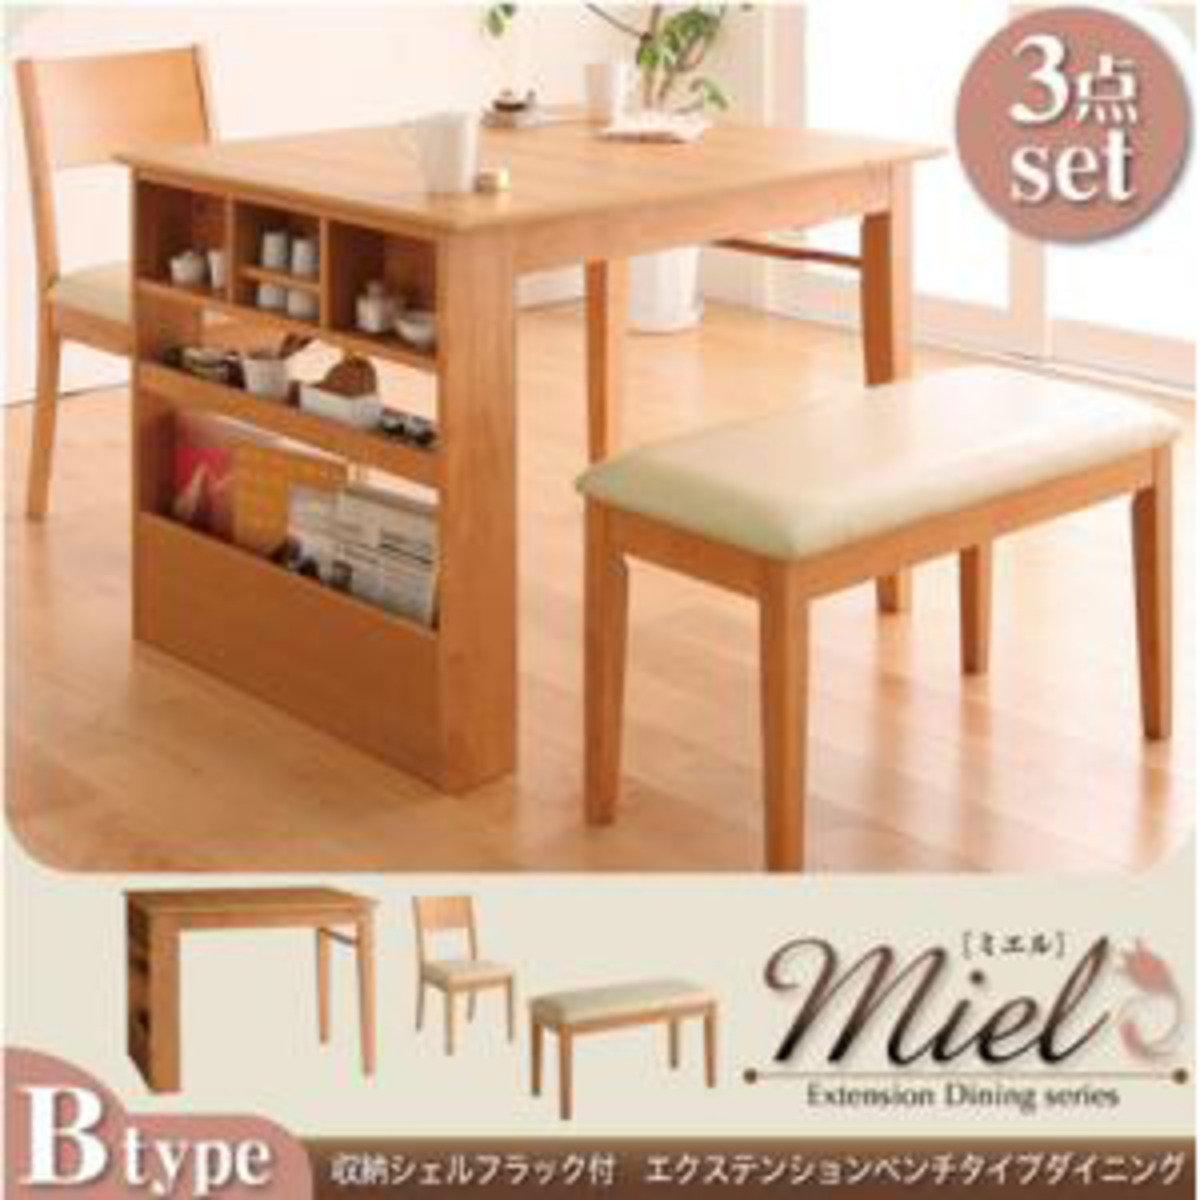 Mile伸縮收納餐桌-3点B